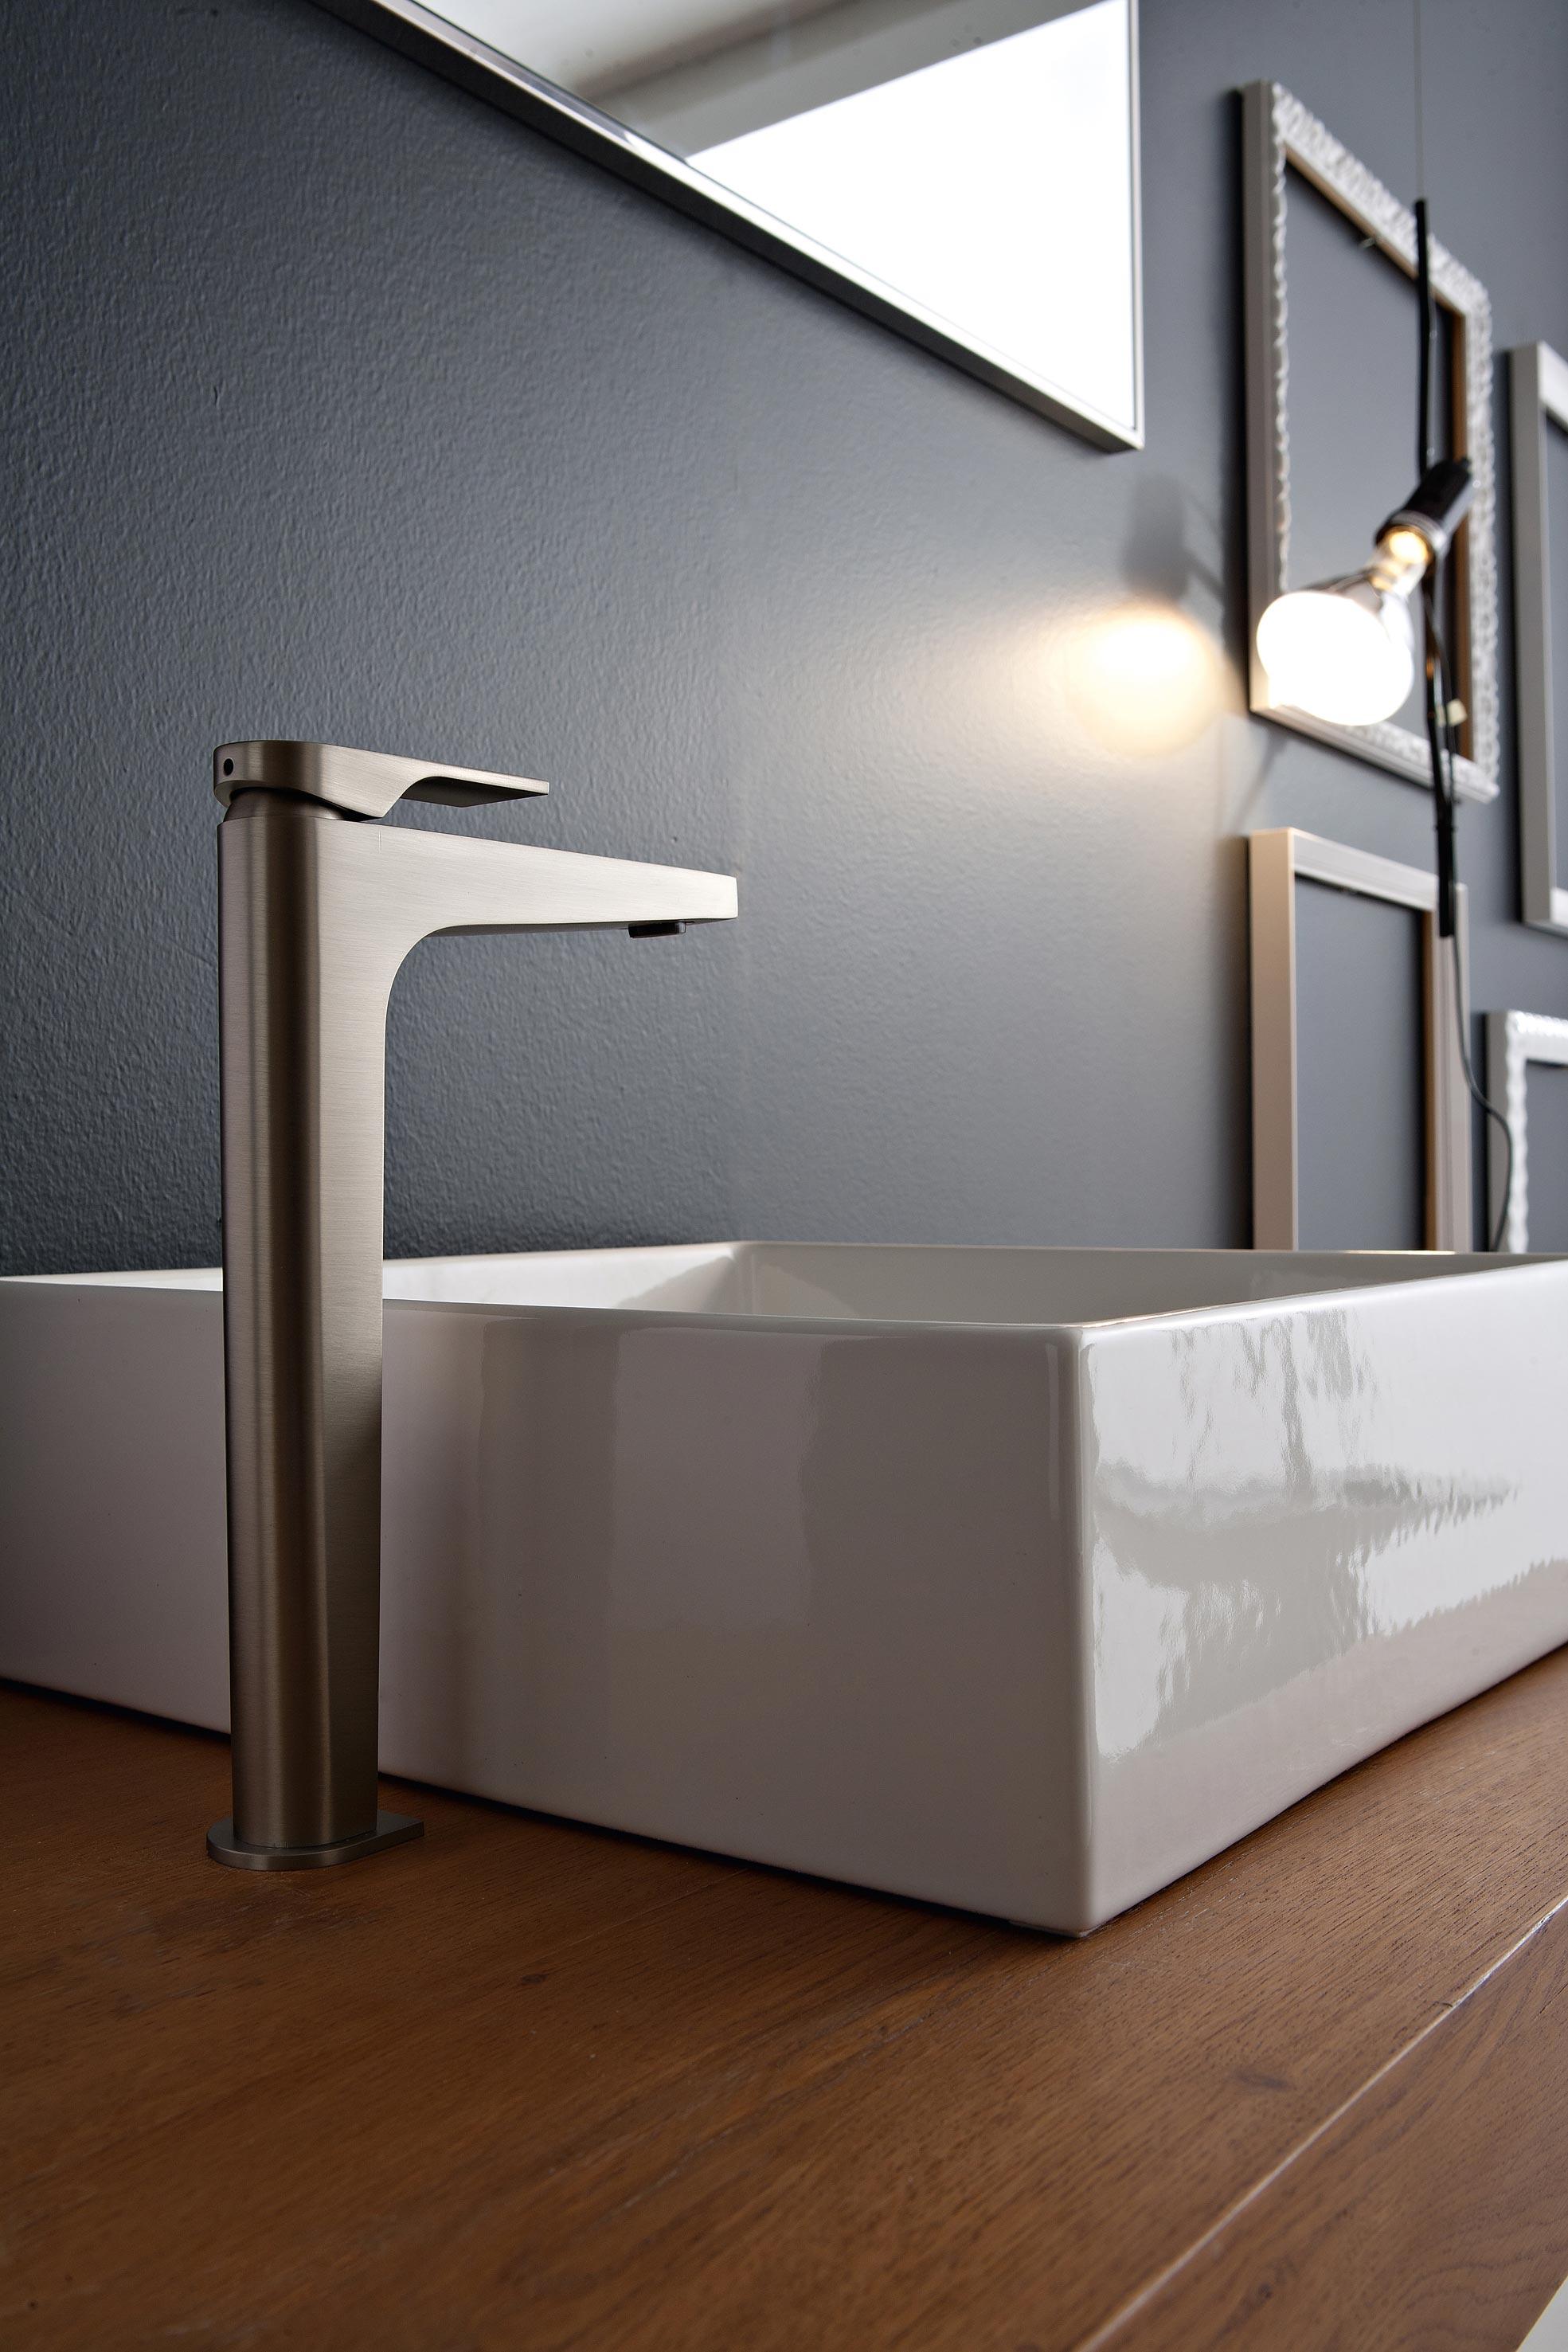 armaturen f rs badezimmer der serie cento. Black Bedroom Furniture Sets. Home Design Ideas